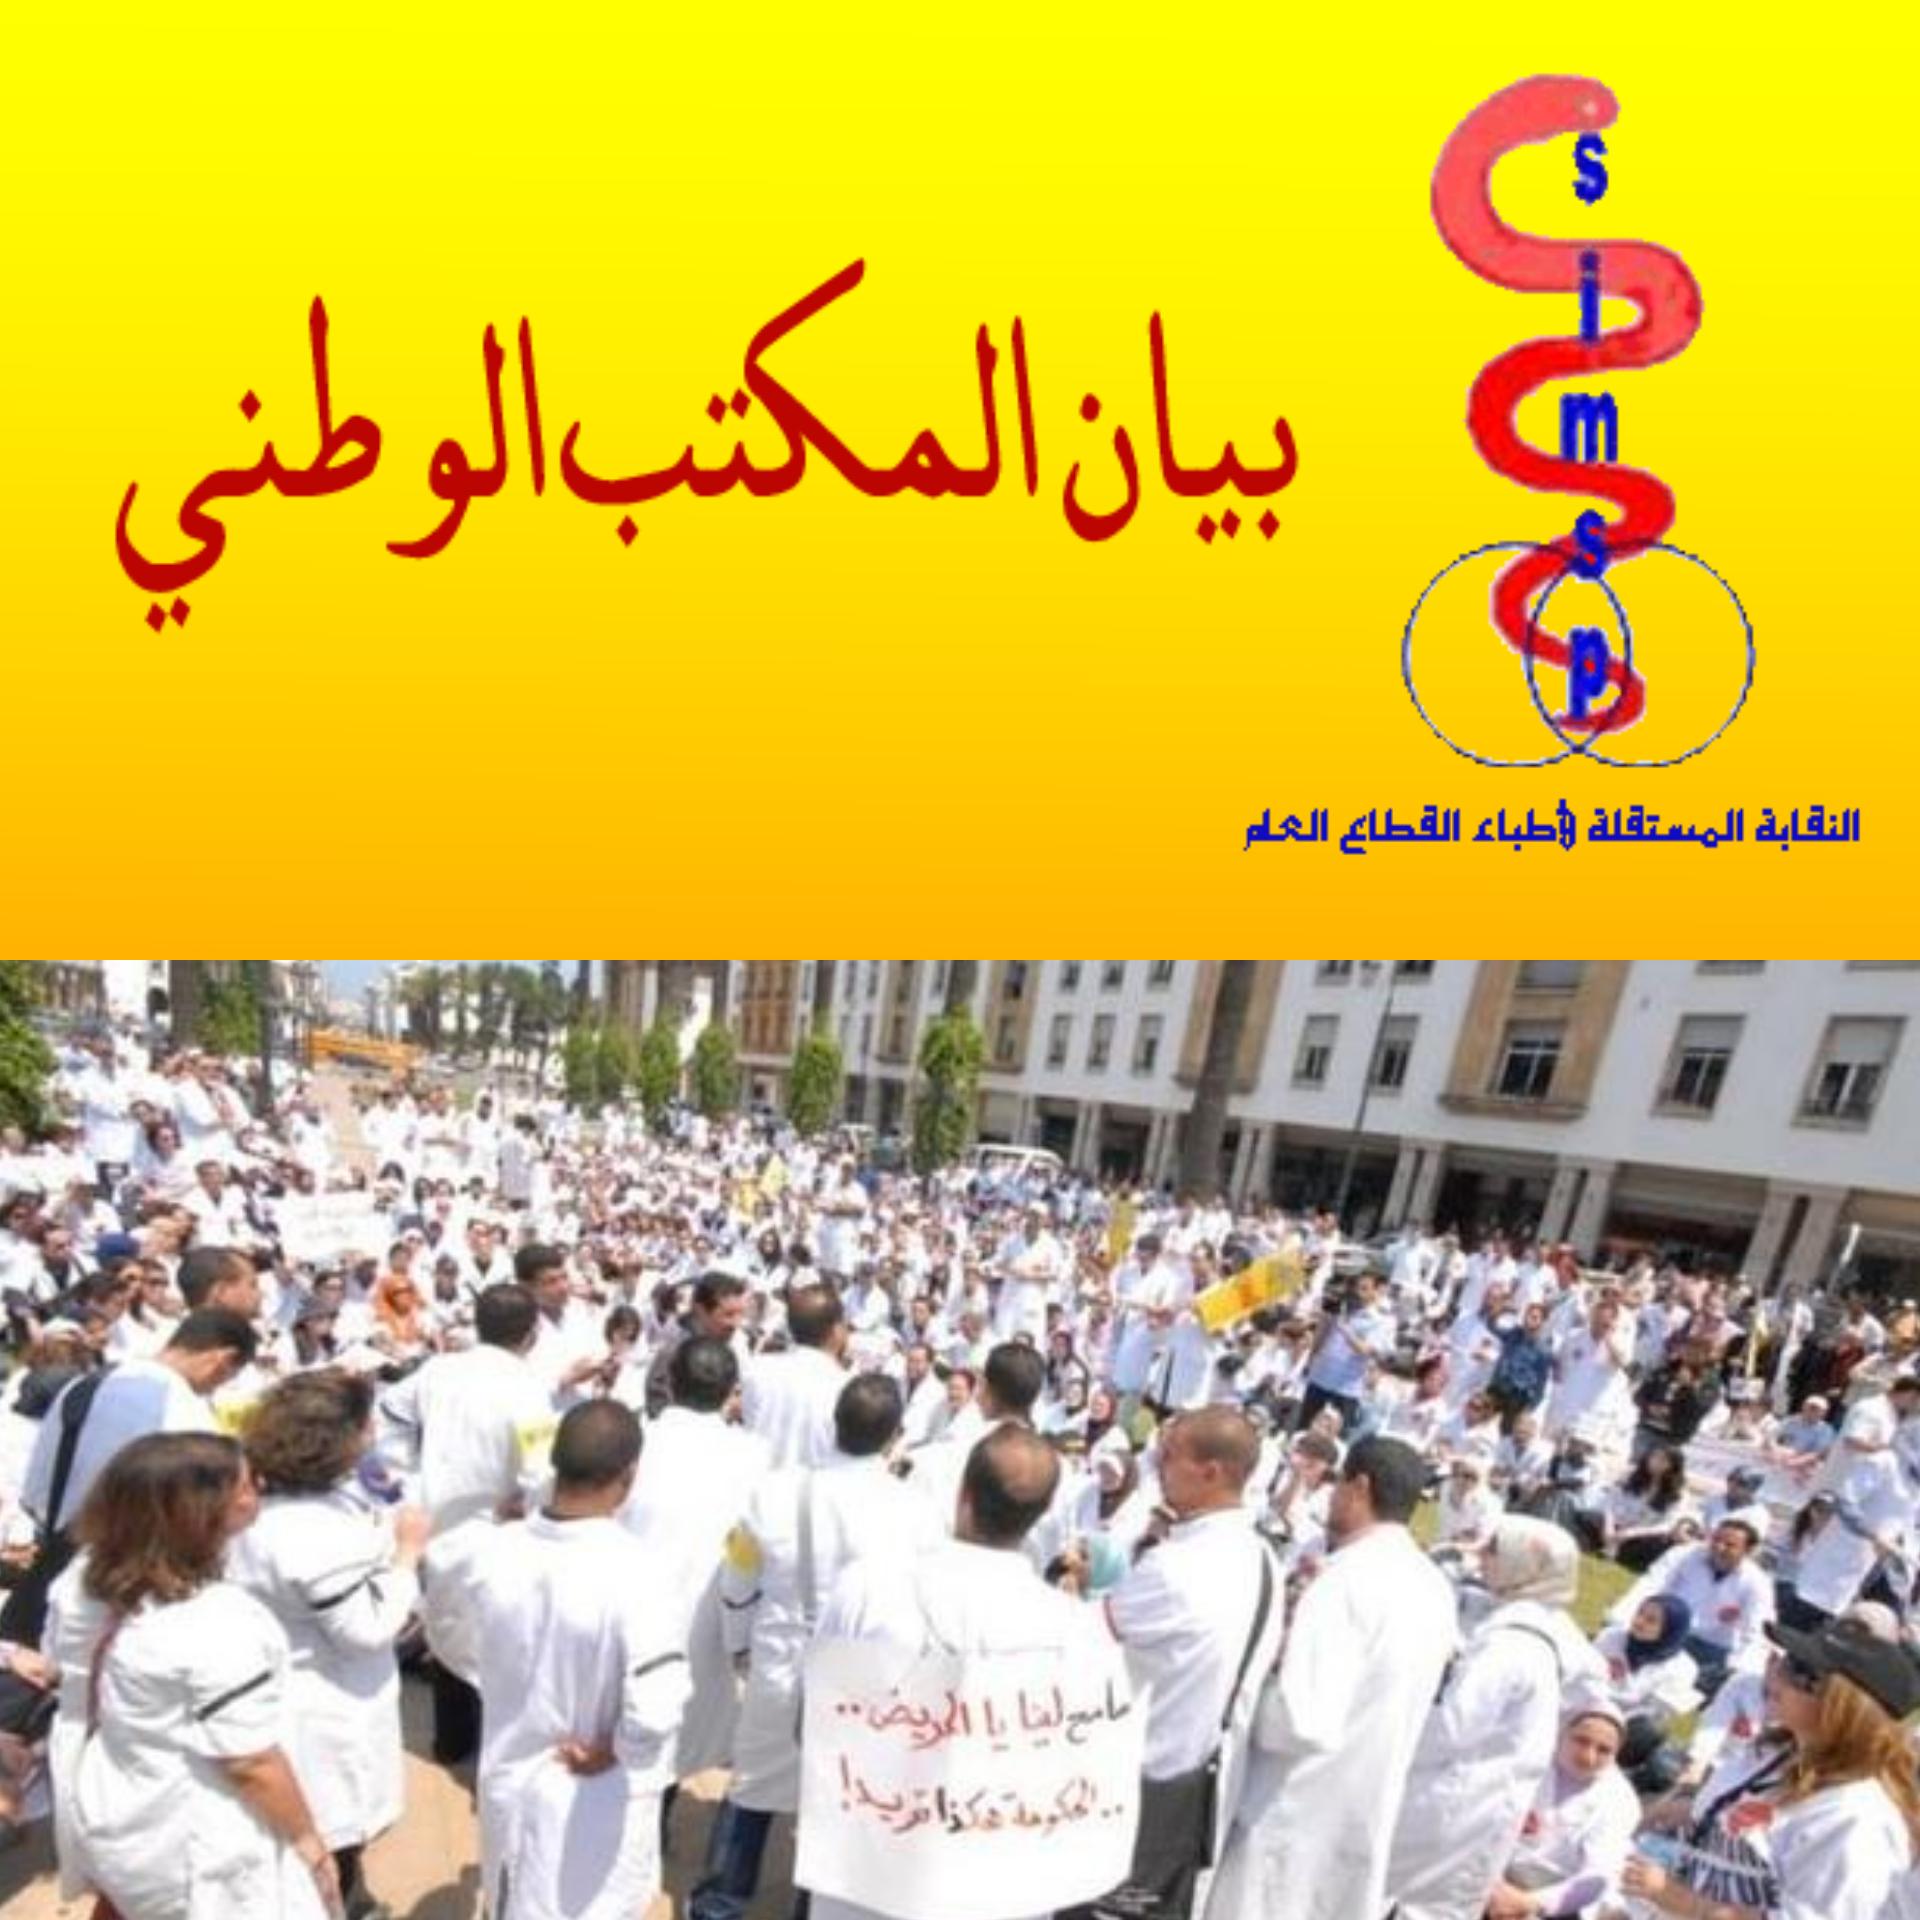 المكتب الوطني للنقابة المستقلة لأطباء القطاع العام يعلن خوض إضراب وطني يوم الإثنين 16 أكتوبر 2017